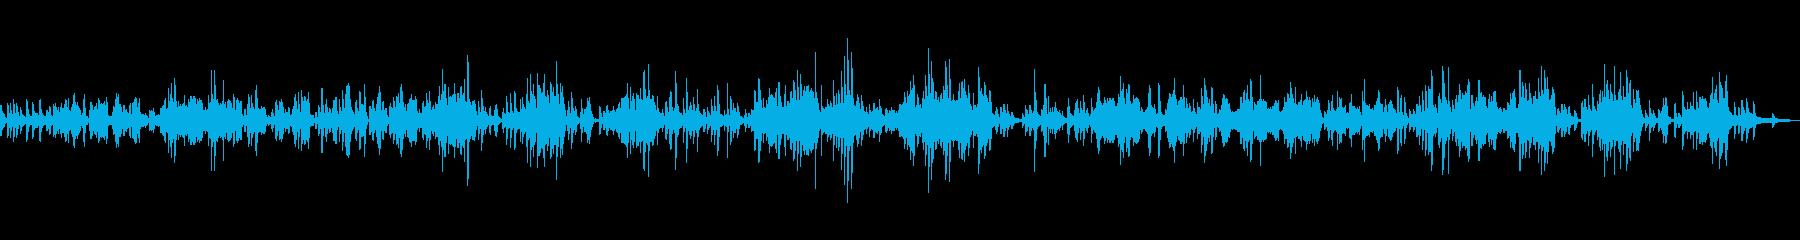 モーツァルトピアノソナタK333第2楽章の再生済みの波形